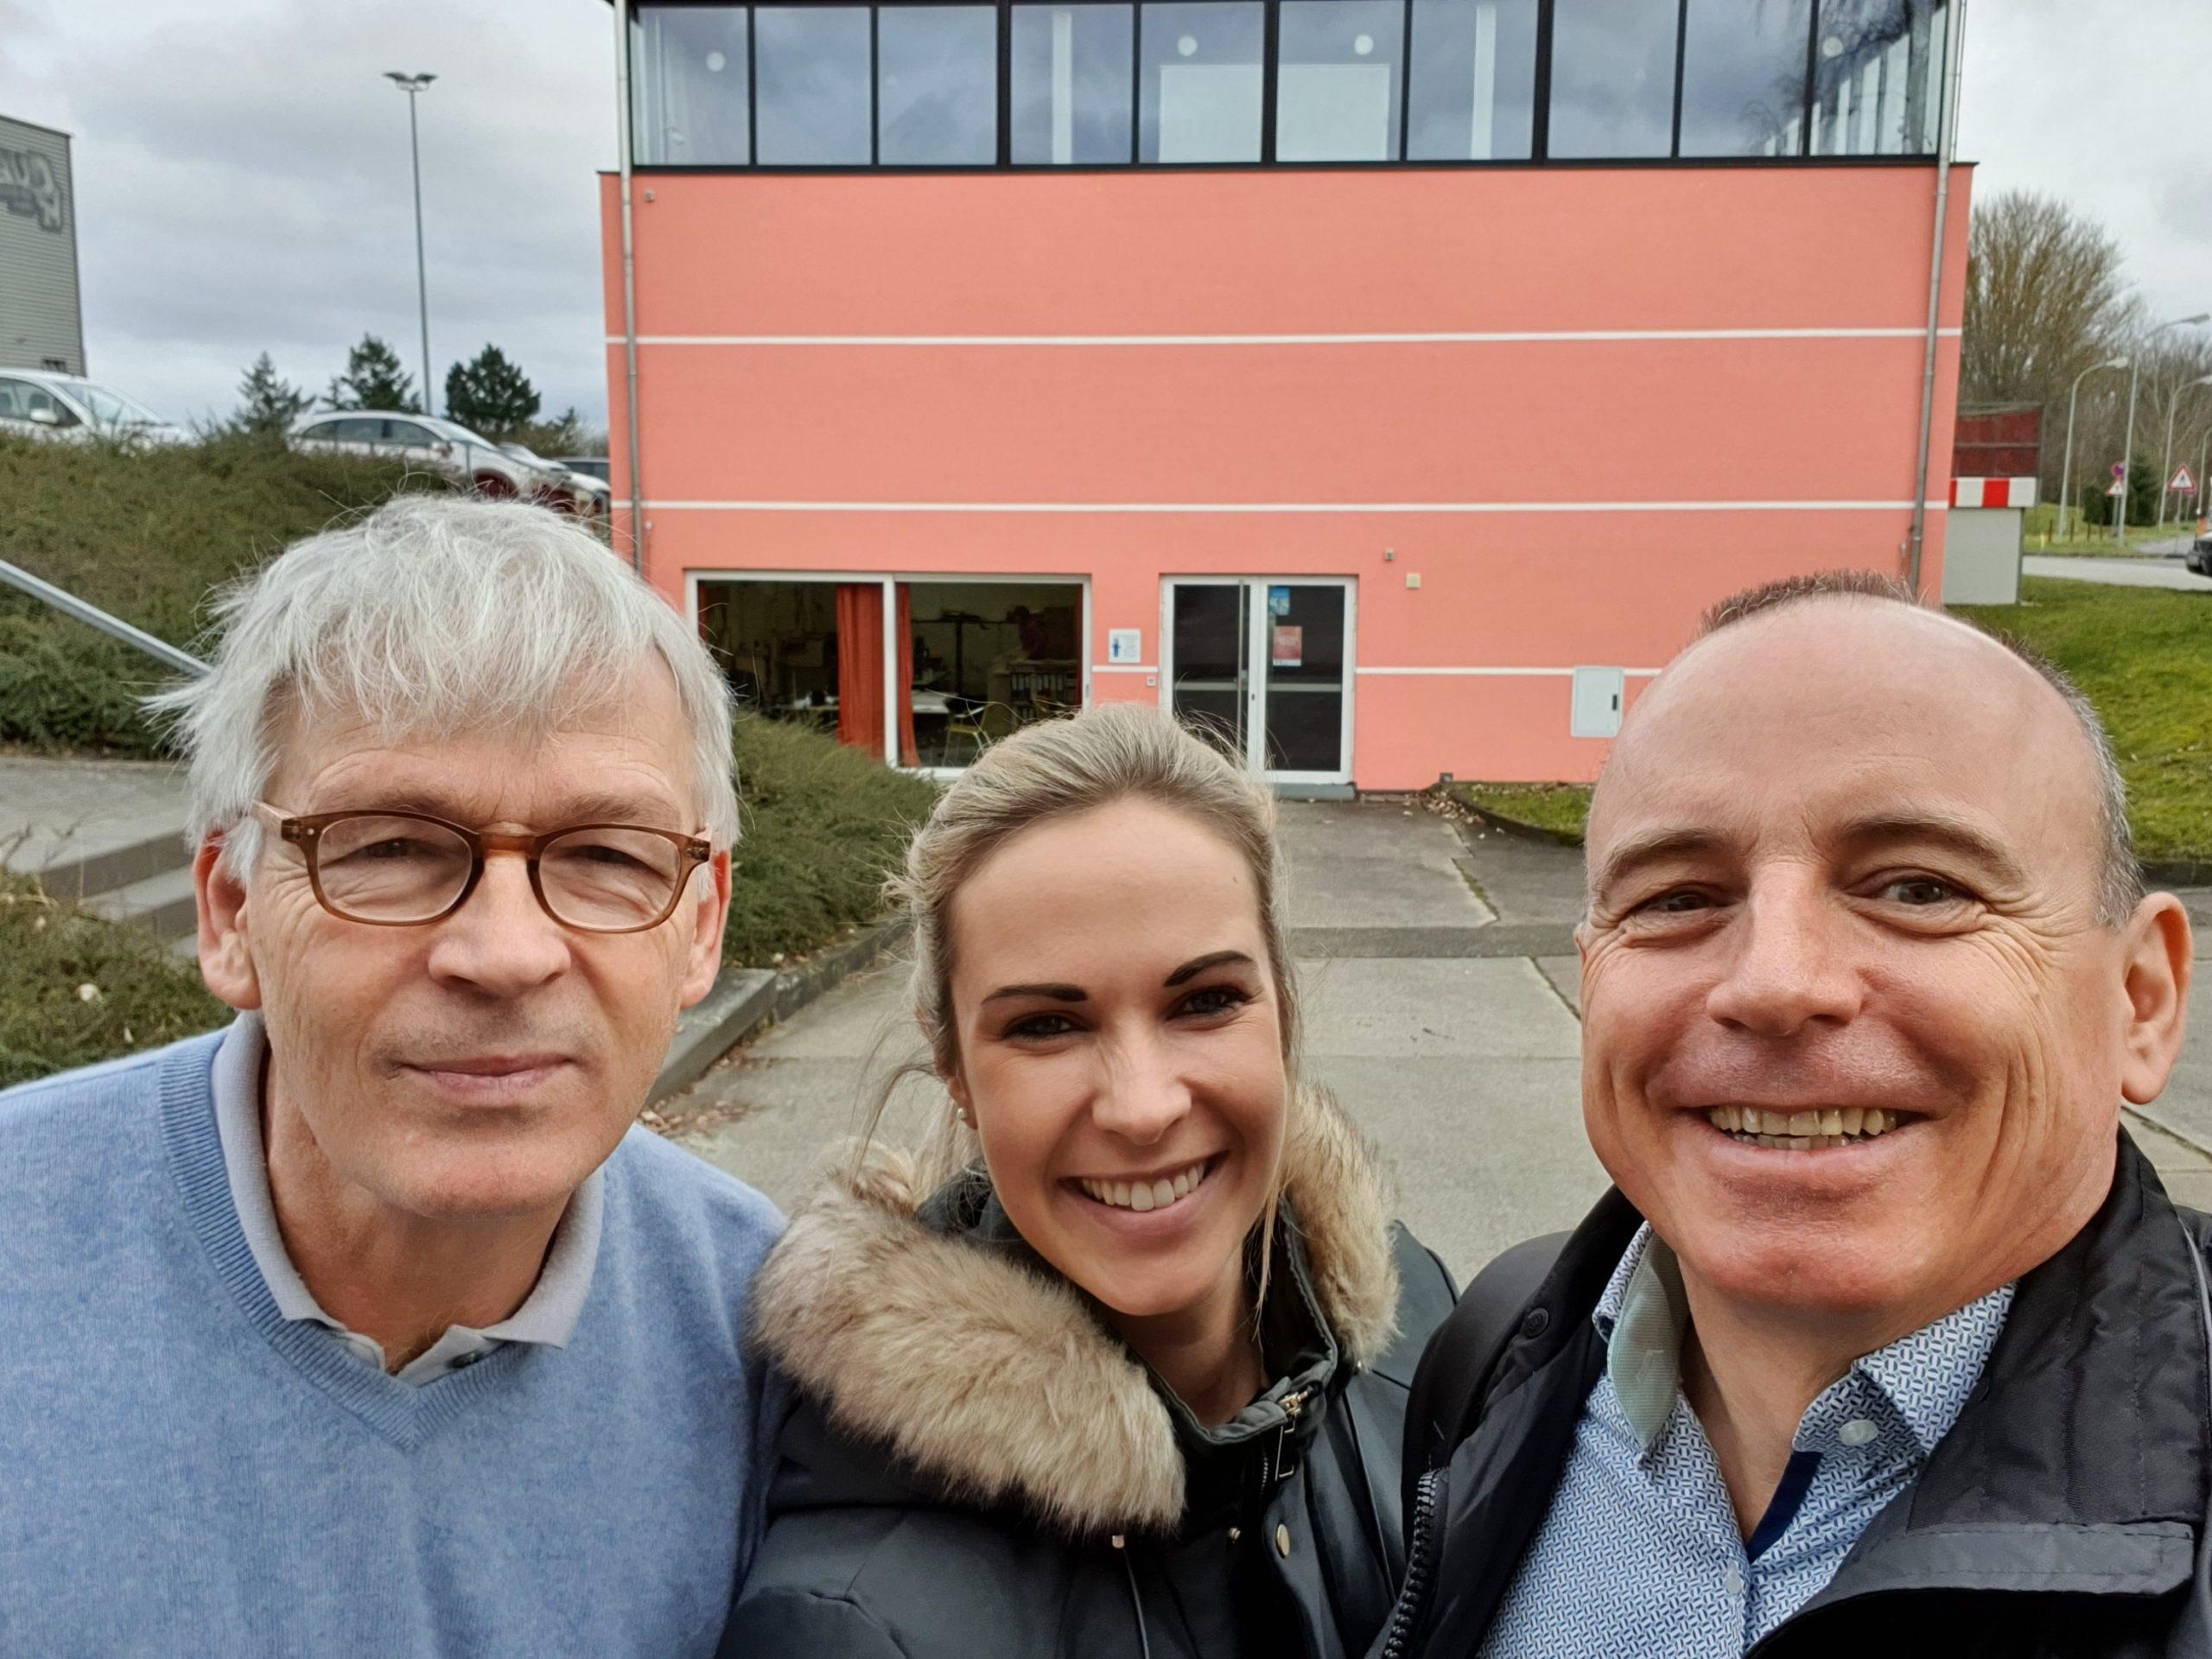 Detlev Lange, Alisa Schmidt, Winfried Möck